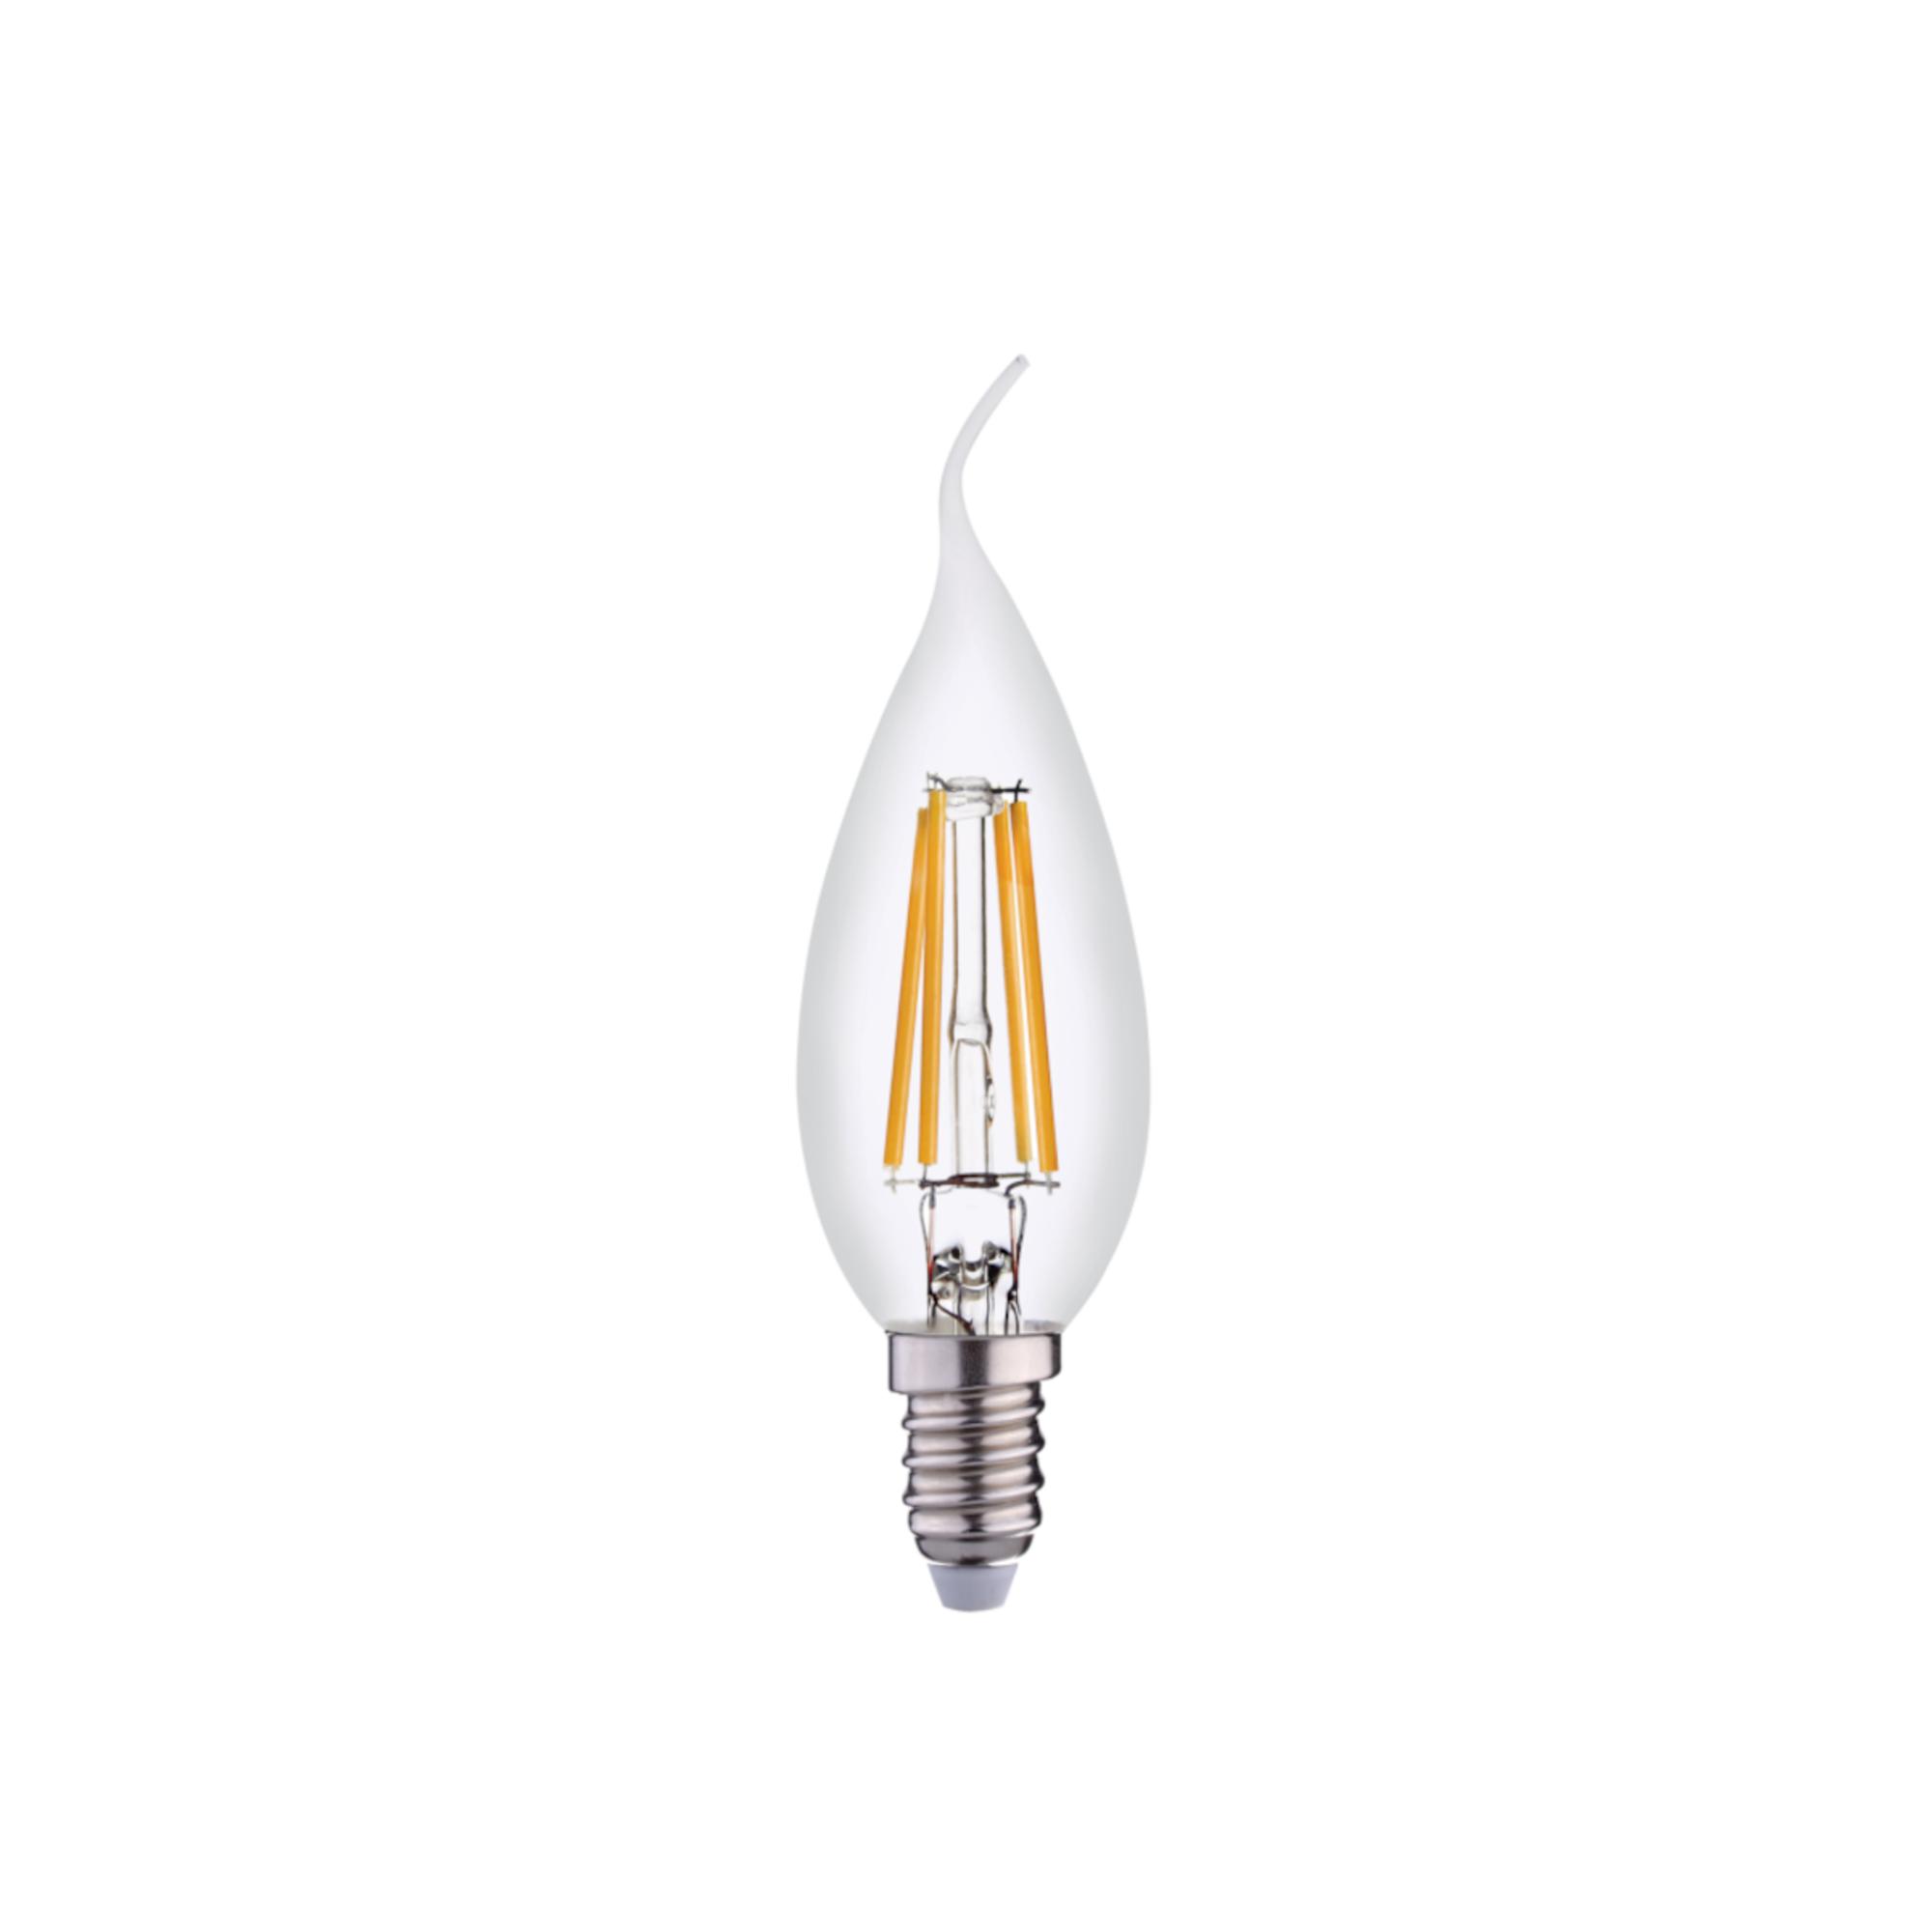 Светодиодная лампочка Фотон 23045 E14 460 Лм 4 Вт